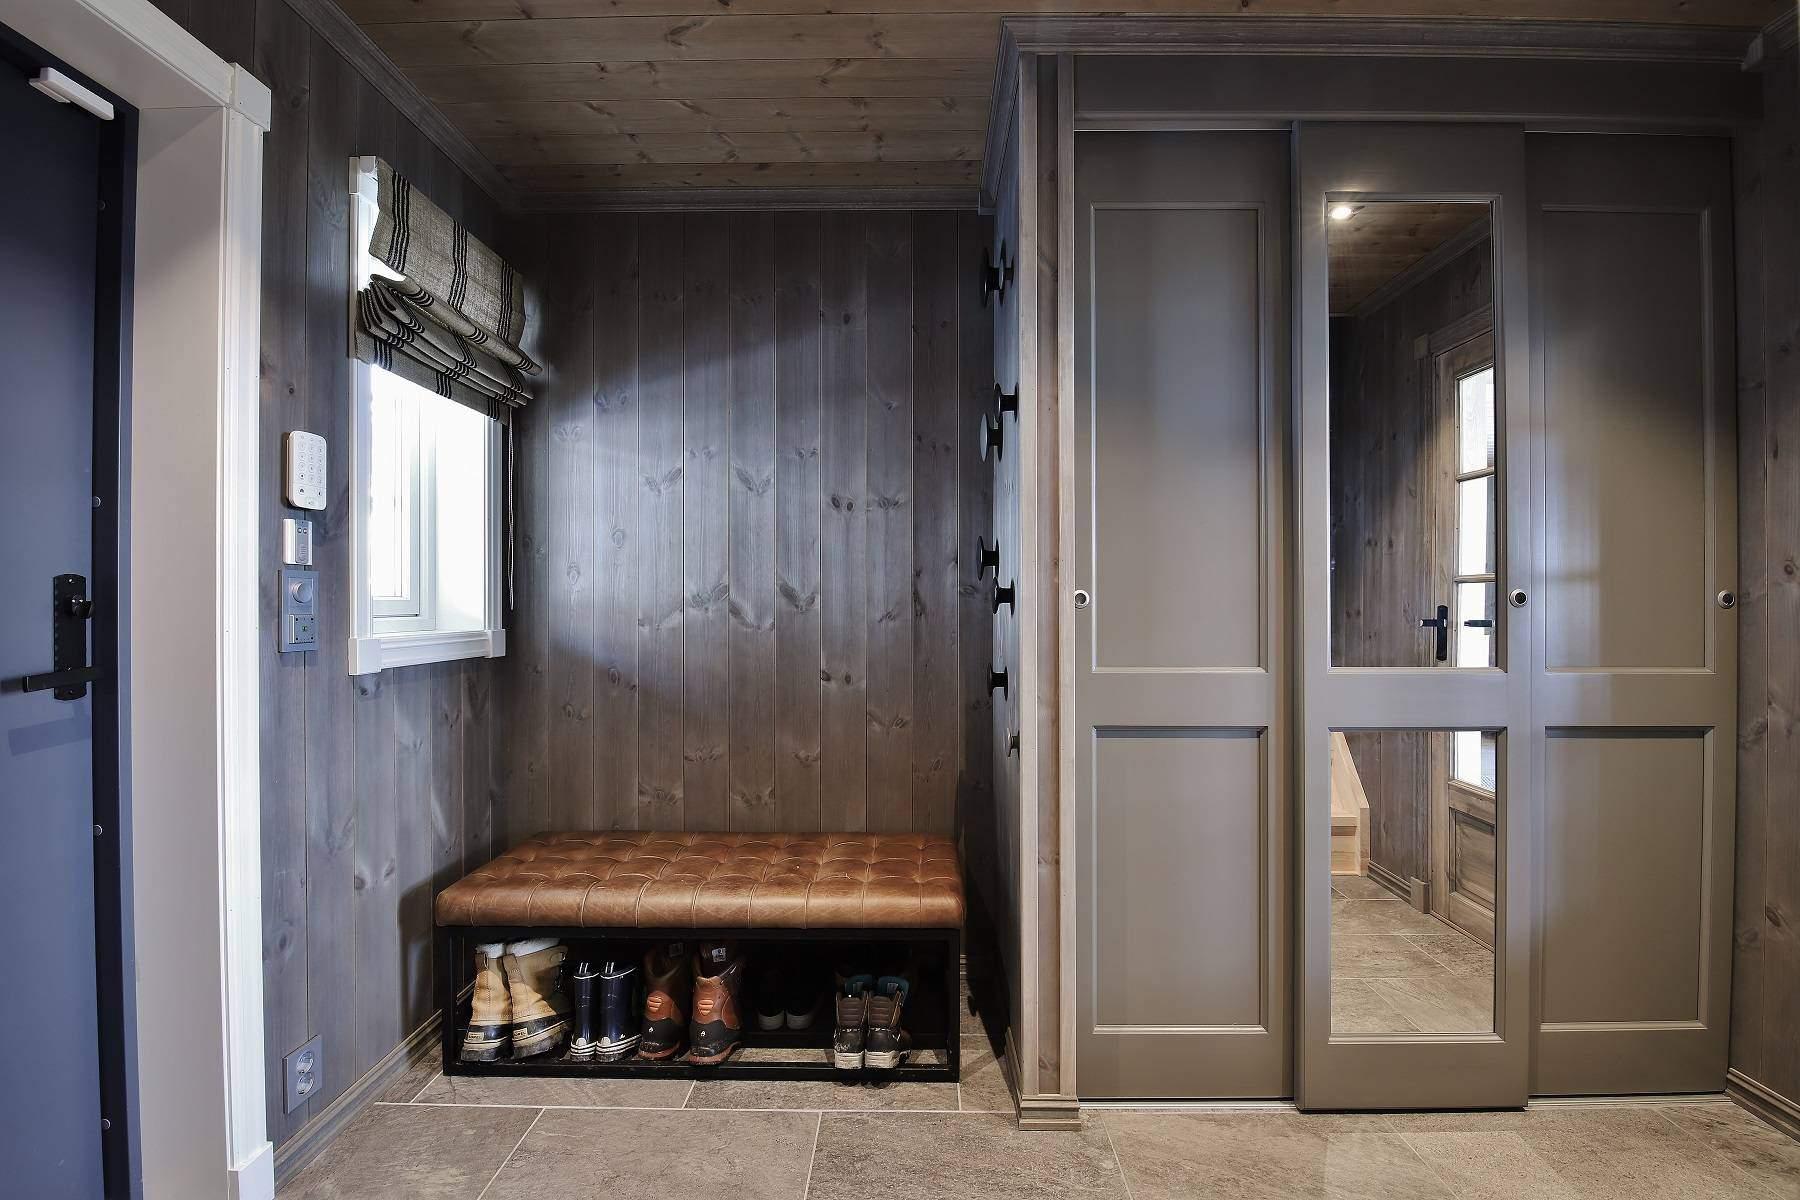 506 Hyttemodell Hytte Strynsfjell 122 Tiurtoppen Hytter. Entréen med plassbygd garderobenisje og sitteplass under vinduet